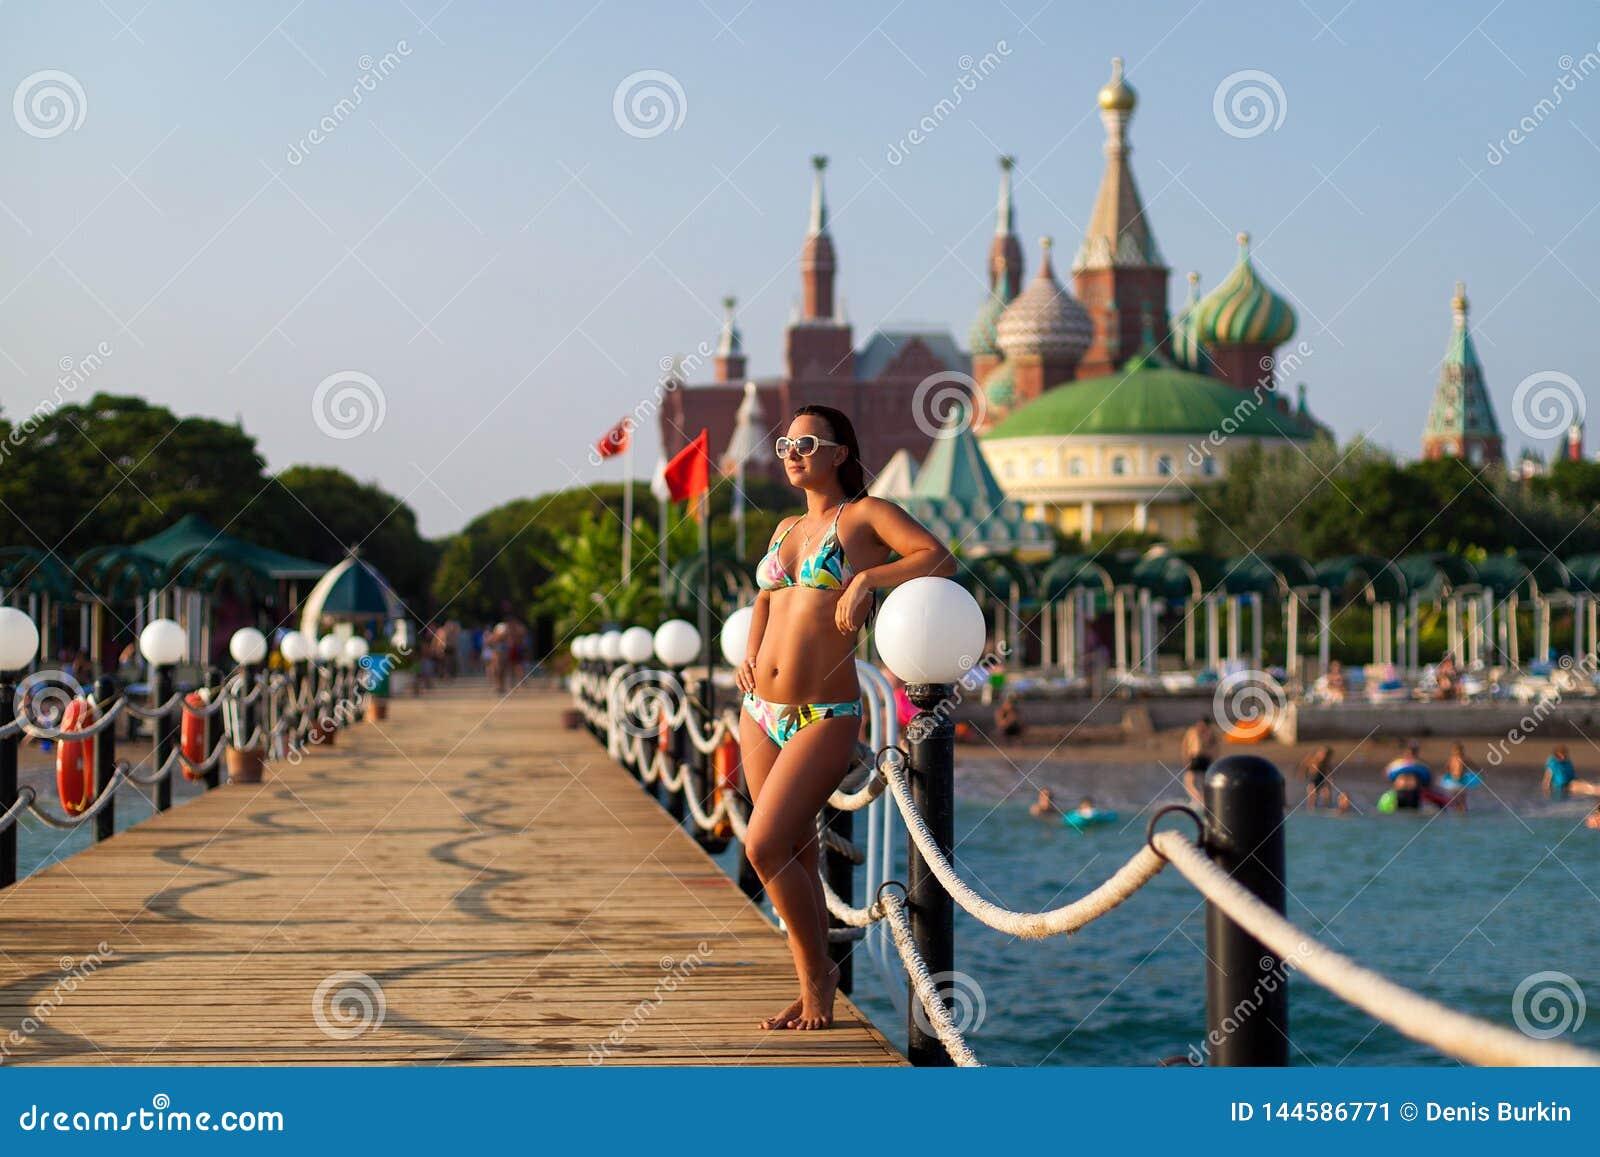 Menina em um roupa de banho no cais no fundo do hotel menina que levanta no cais de madeira na praia, contra o contexto